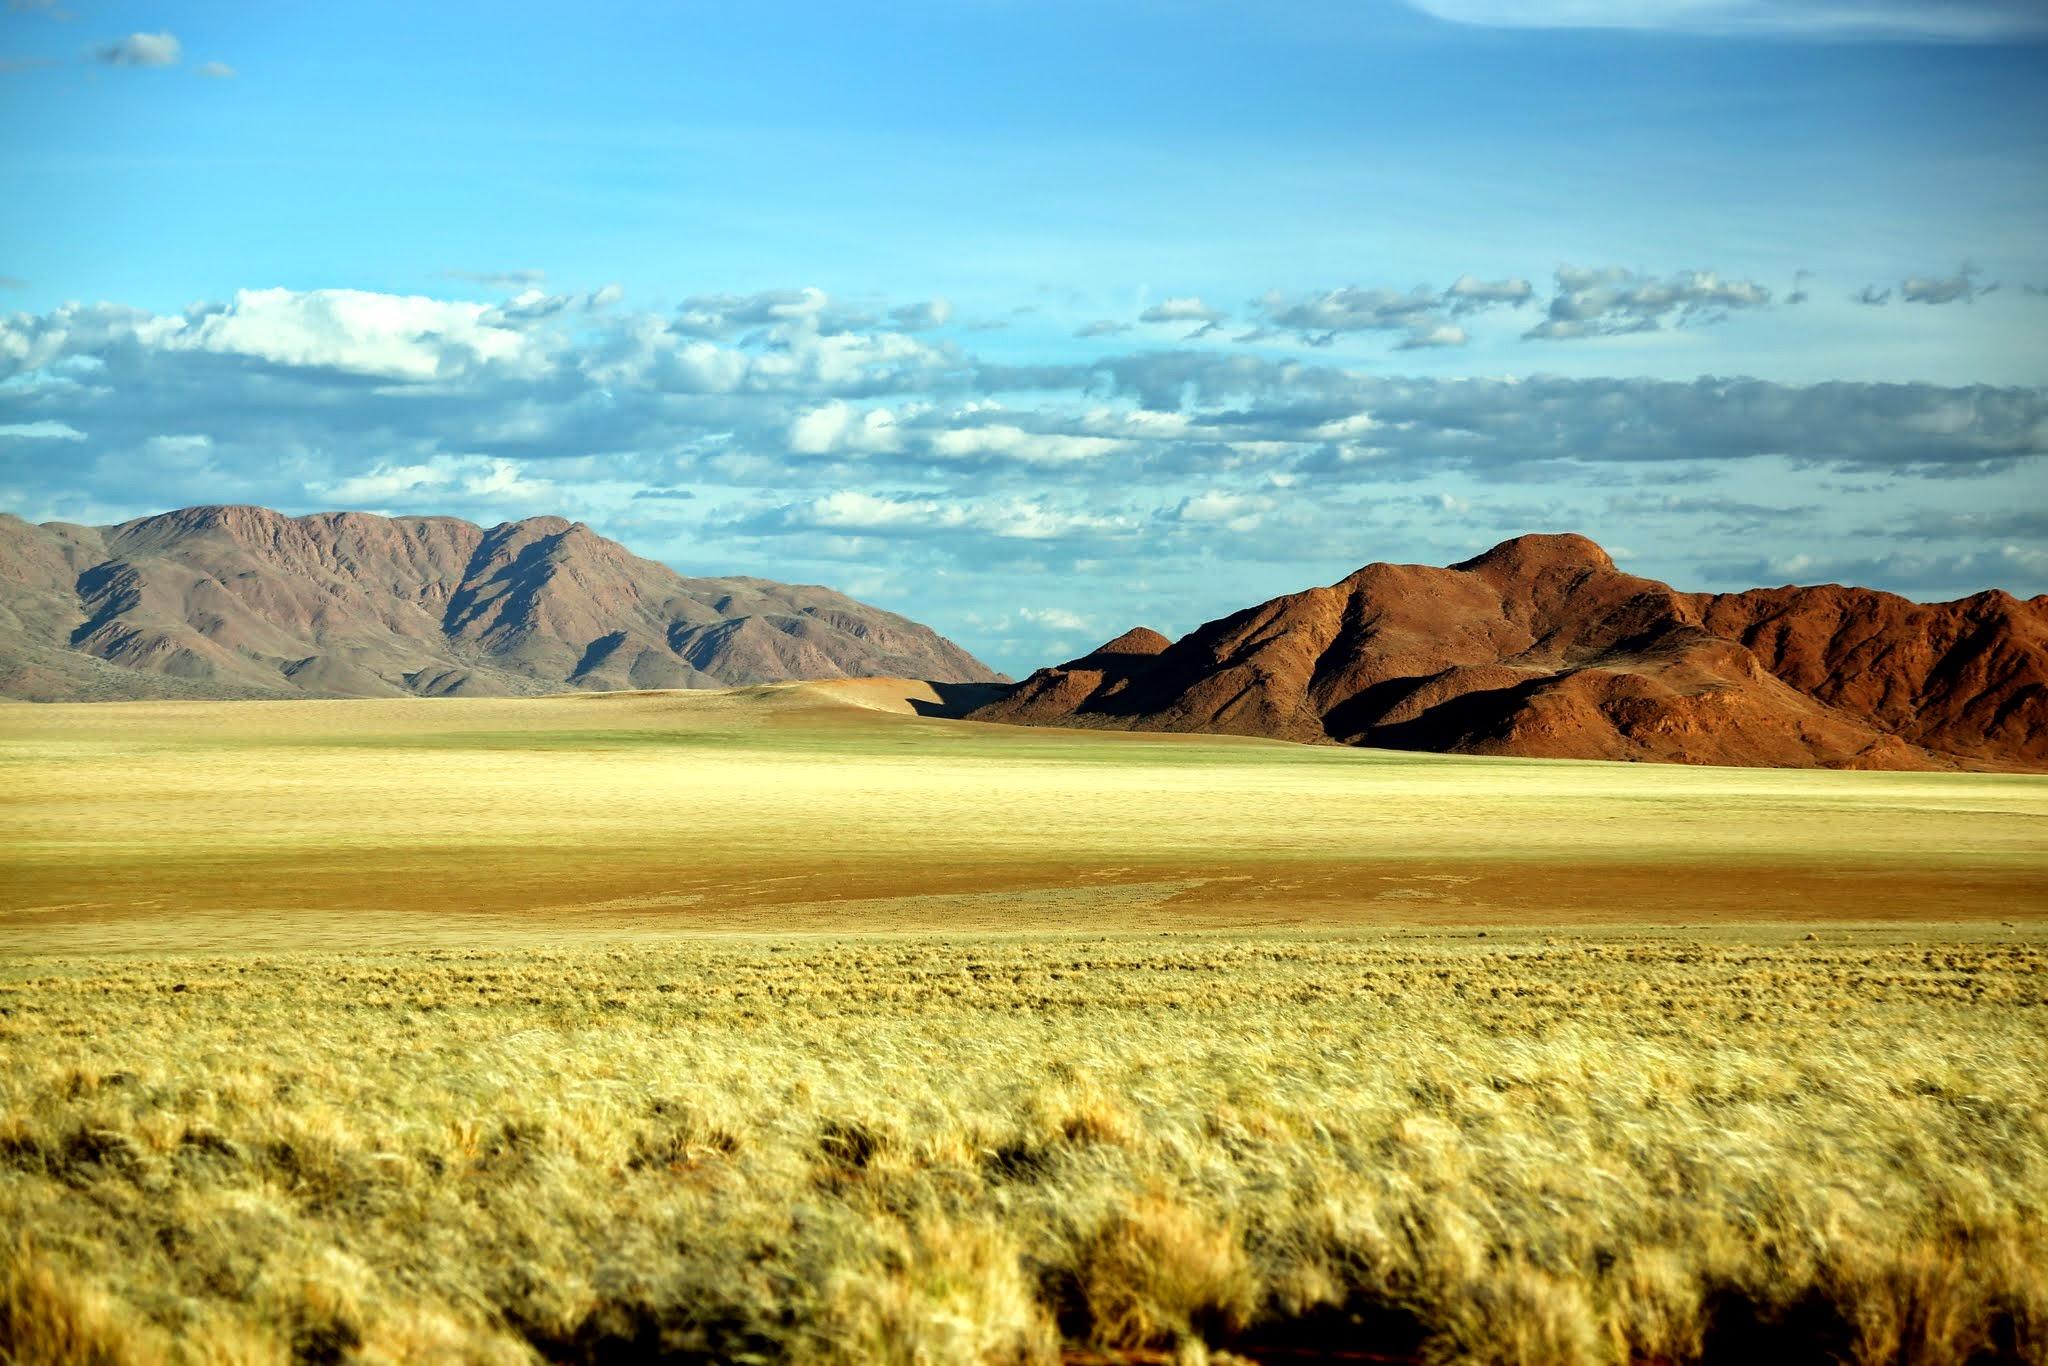 Green grass in Desert